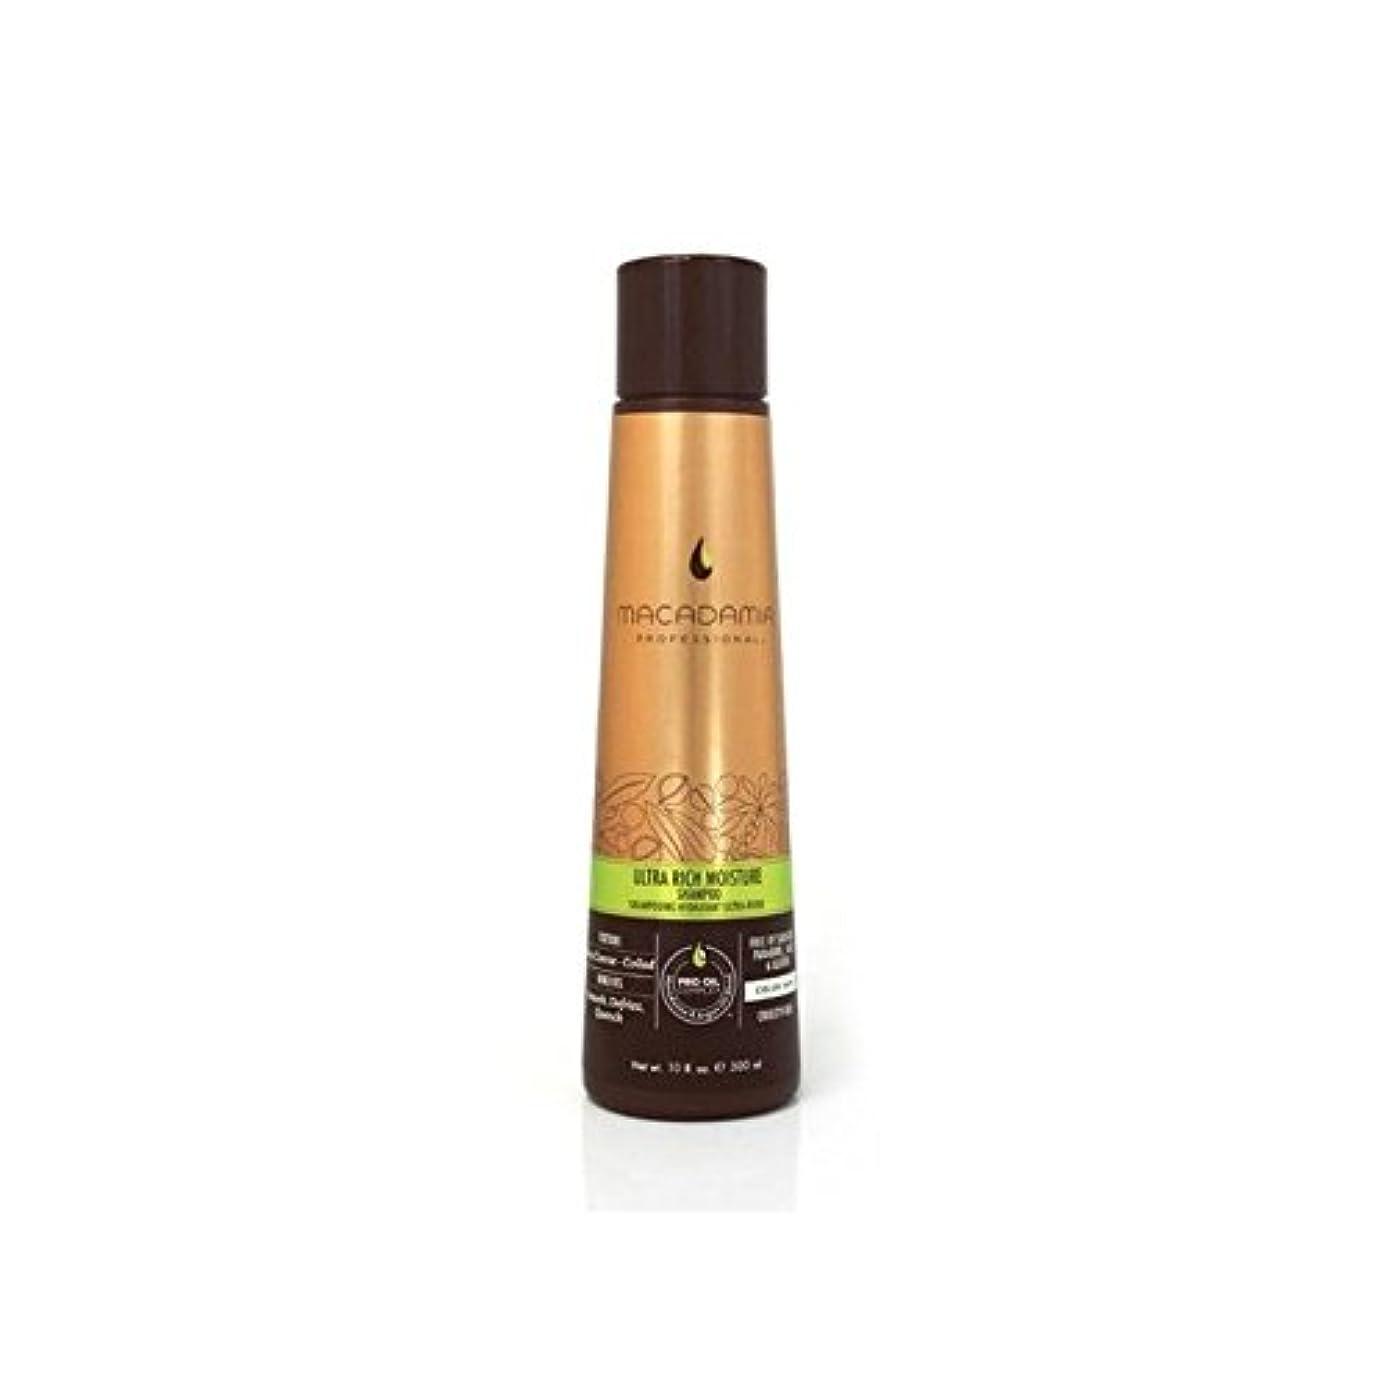 運動教えるプライバシーMacadamia Ultra Rich Moisture Shampoo (300ml) - マカダミア超豊富な水分シャンプー(300ミリリットル) [並行輸入品]